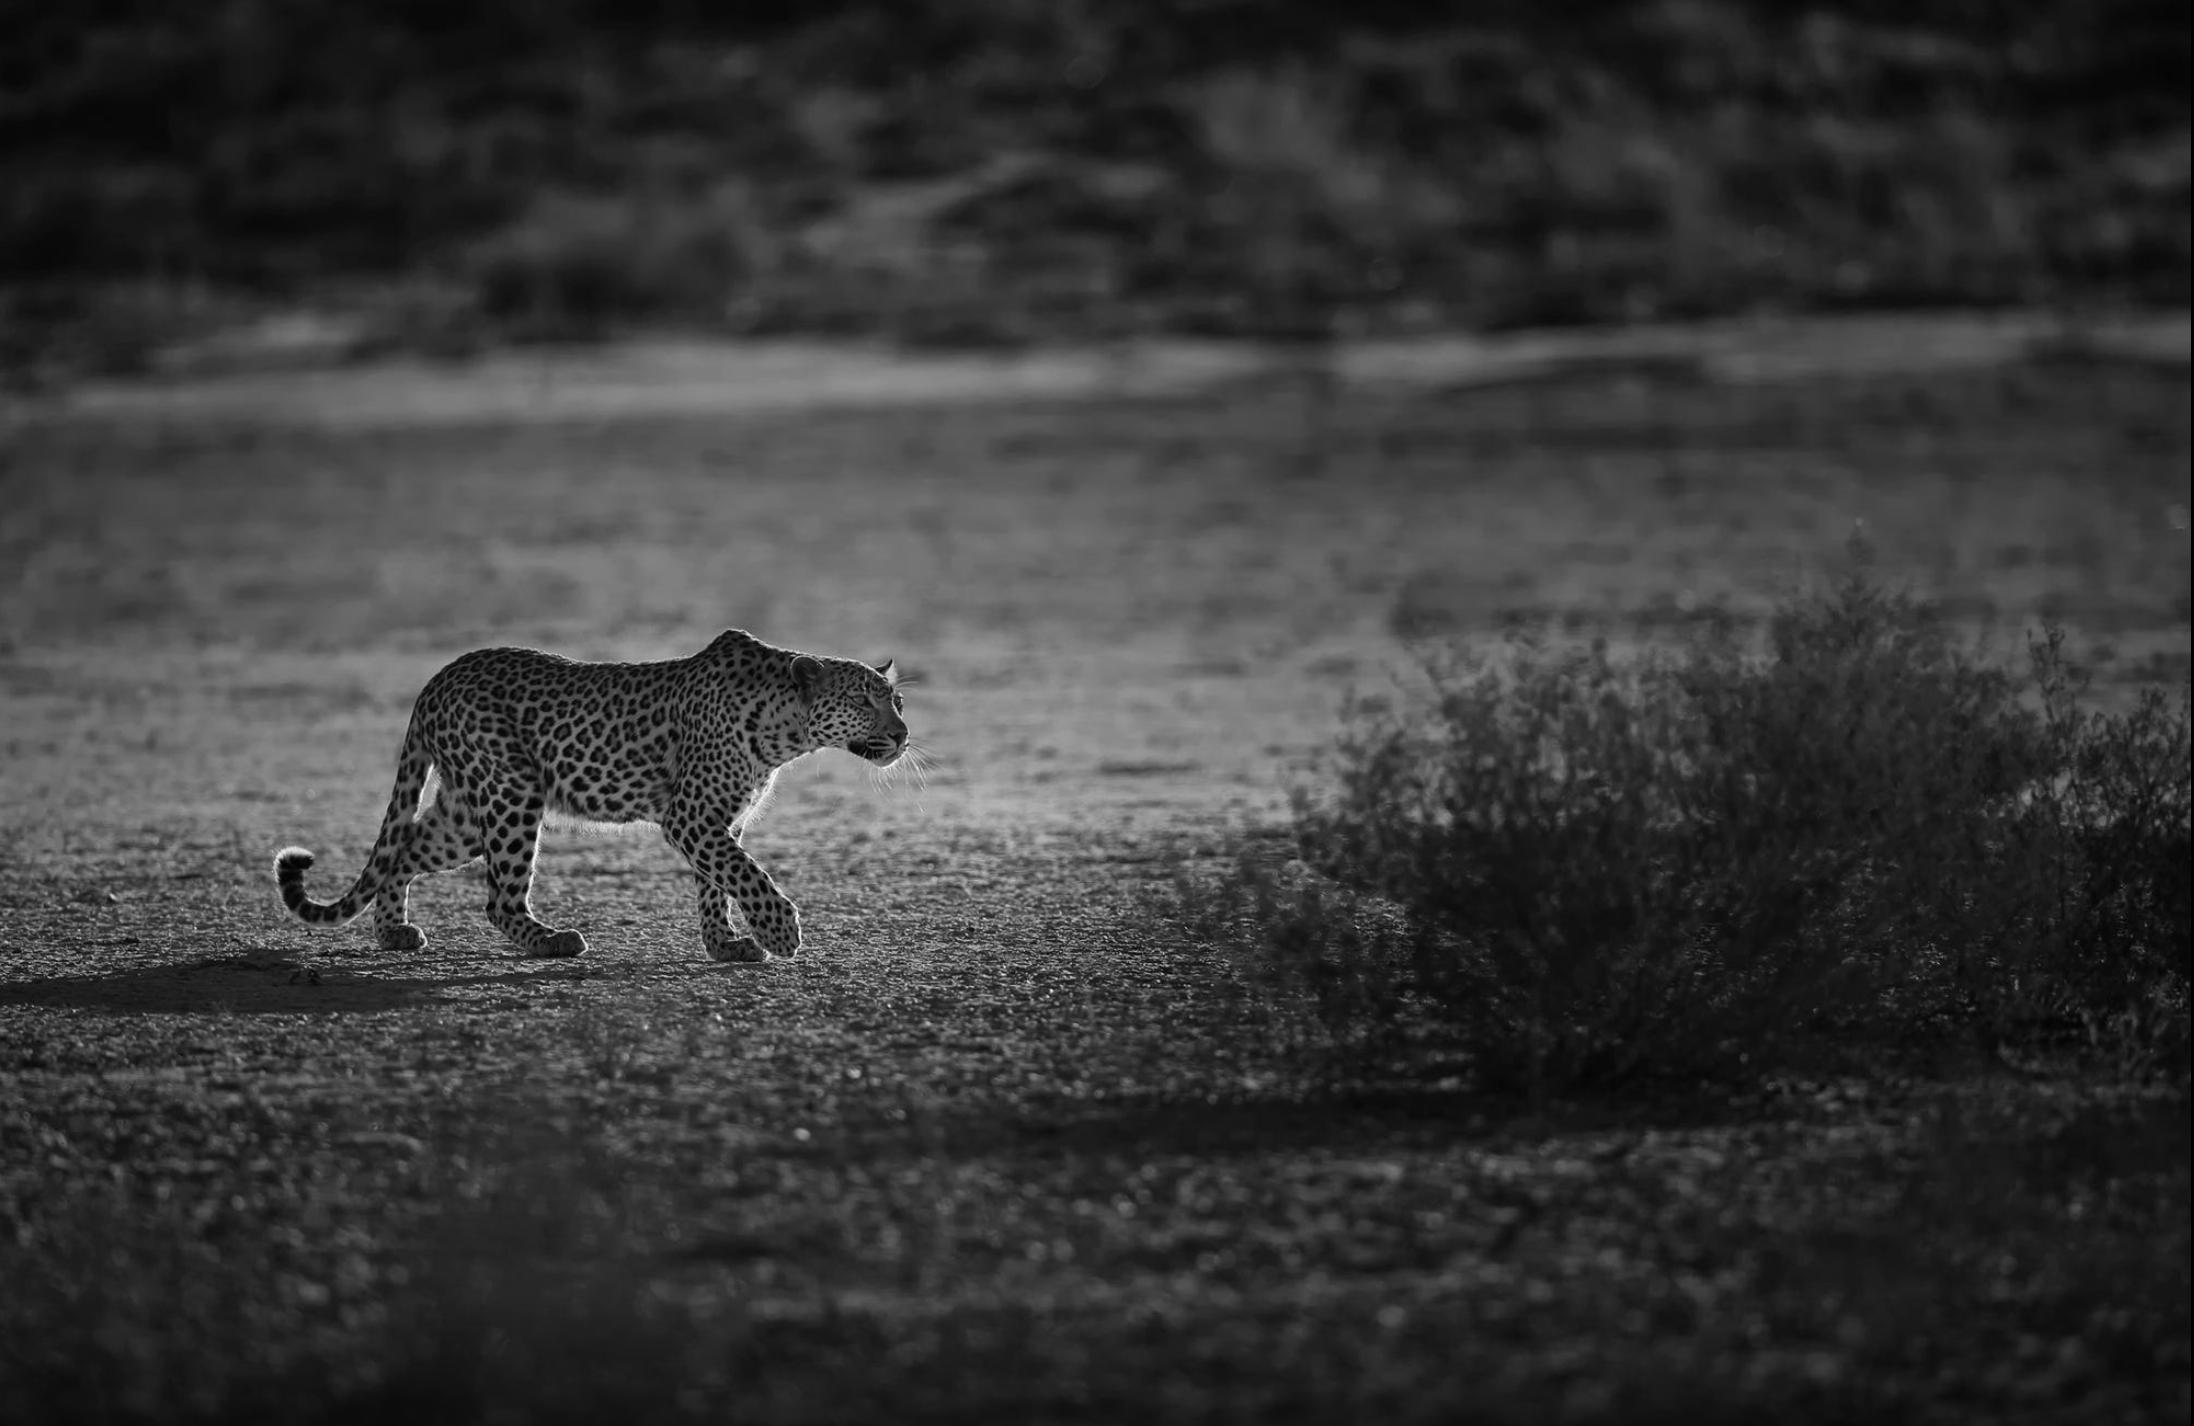 Leopard stalk.png